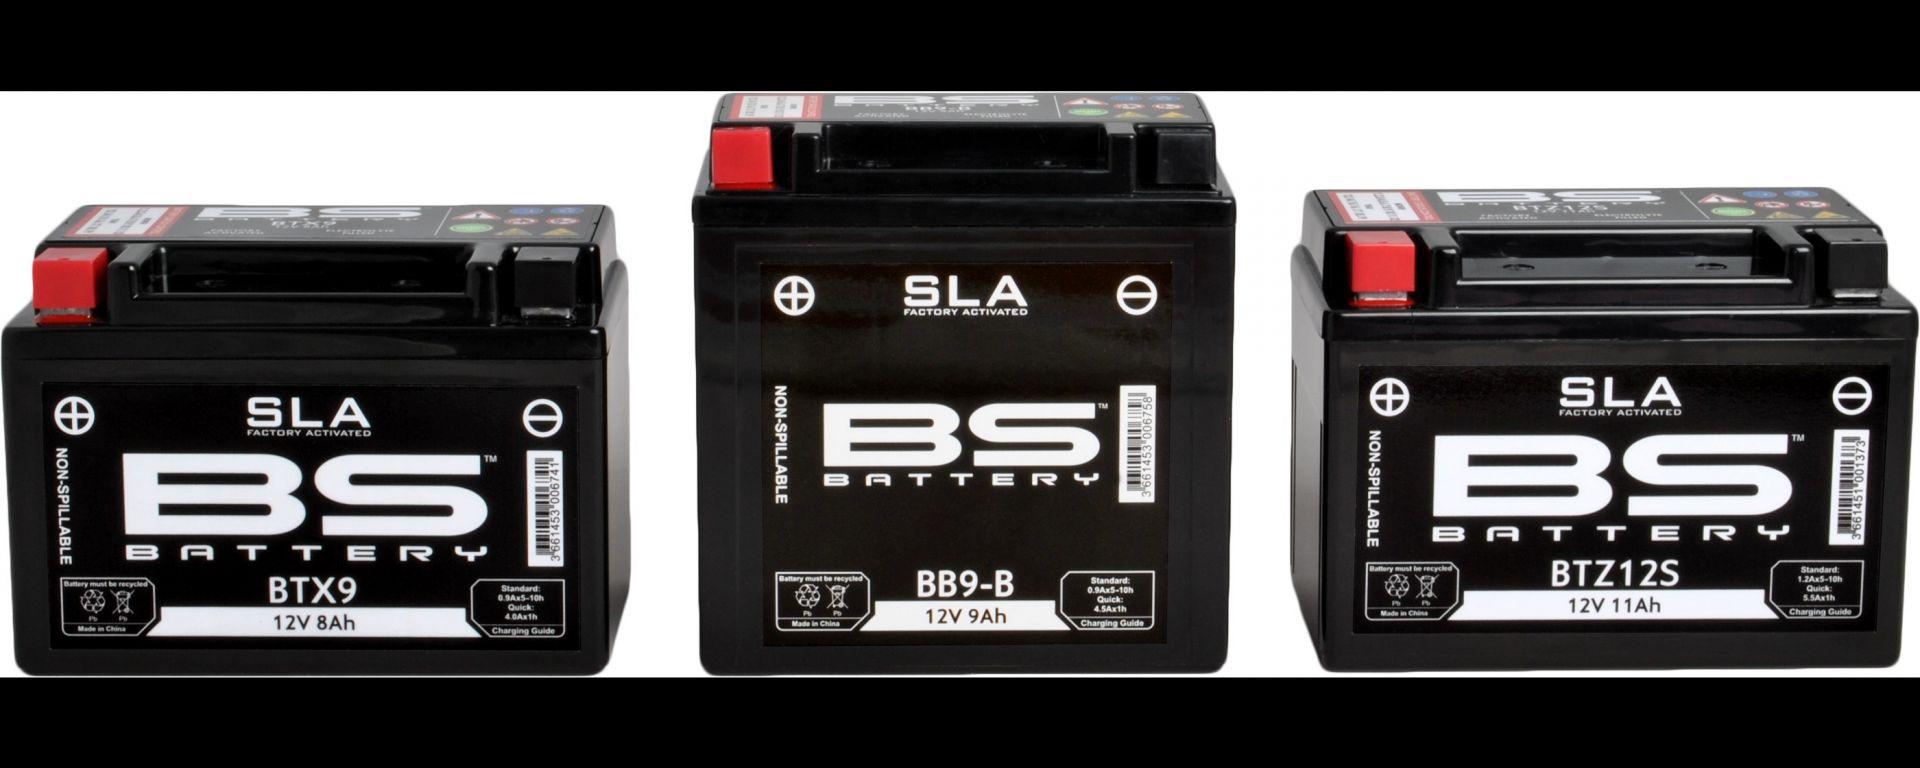 Batterie SLA